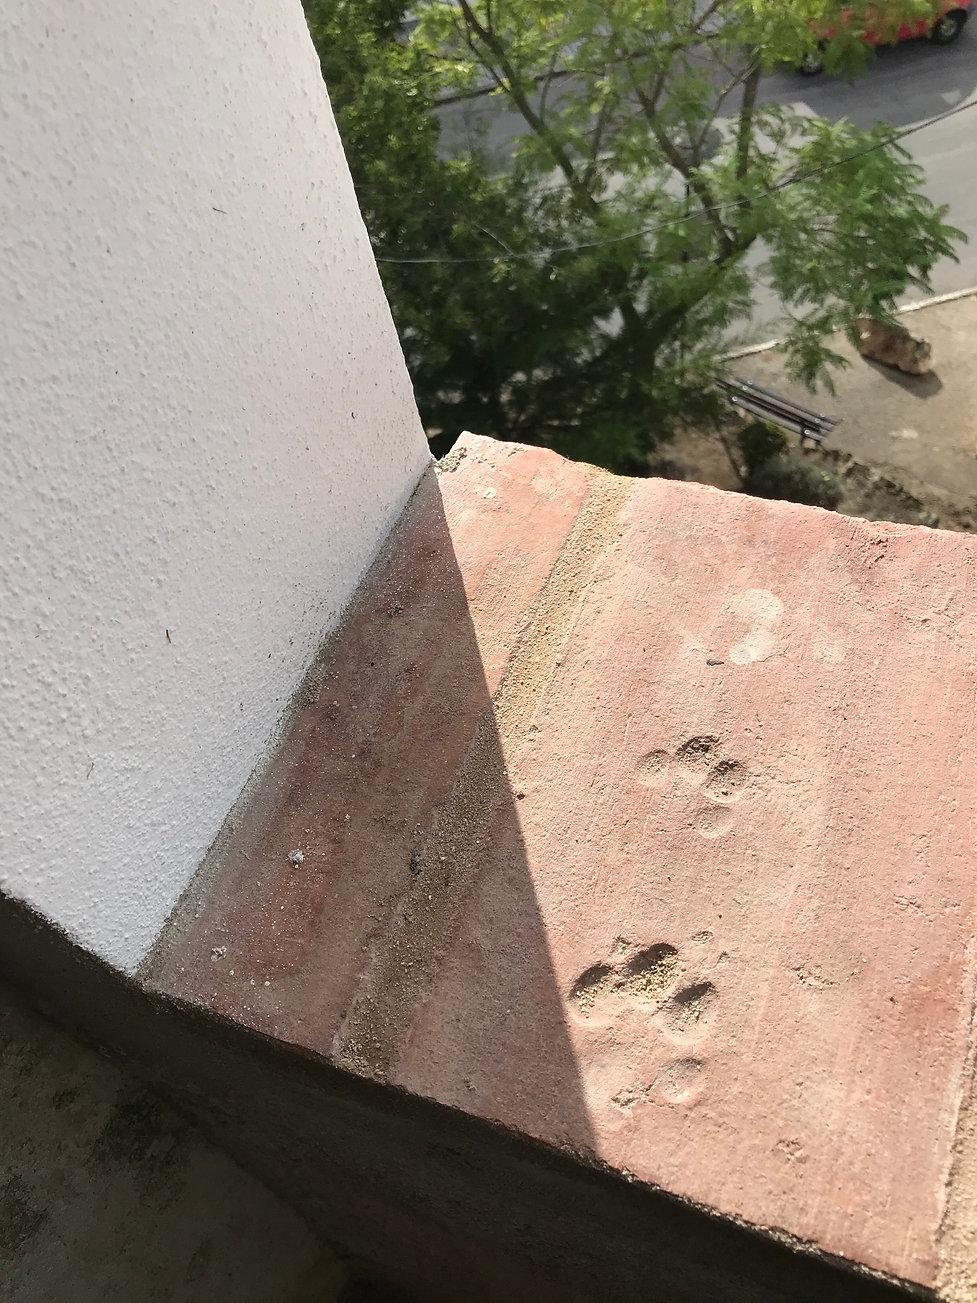 lajeta do parapeito da janela do museu com pegada de gato impressa (c) Ana Assis Pacheco